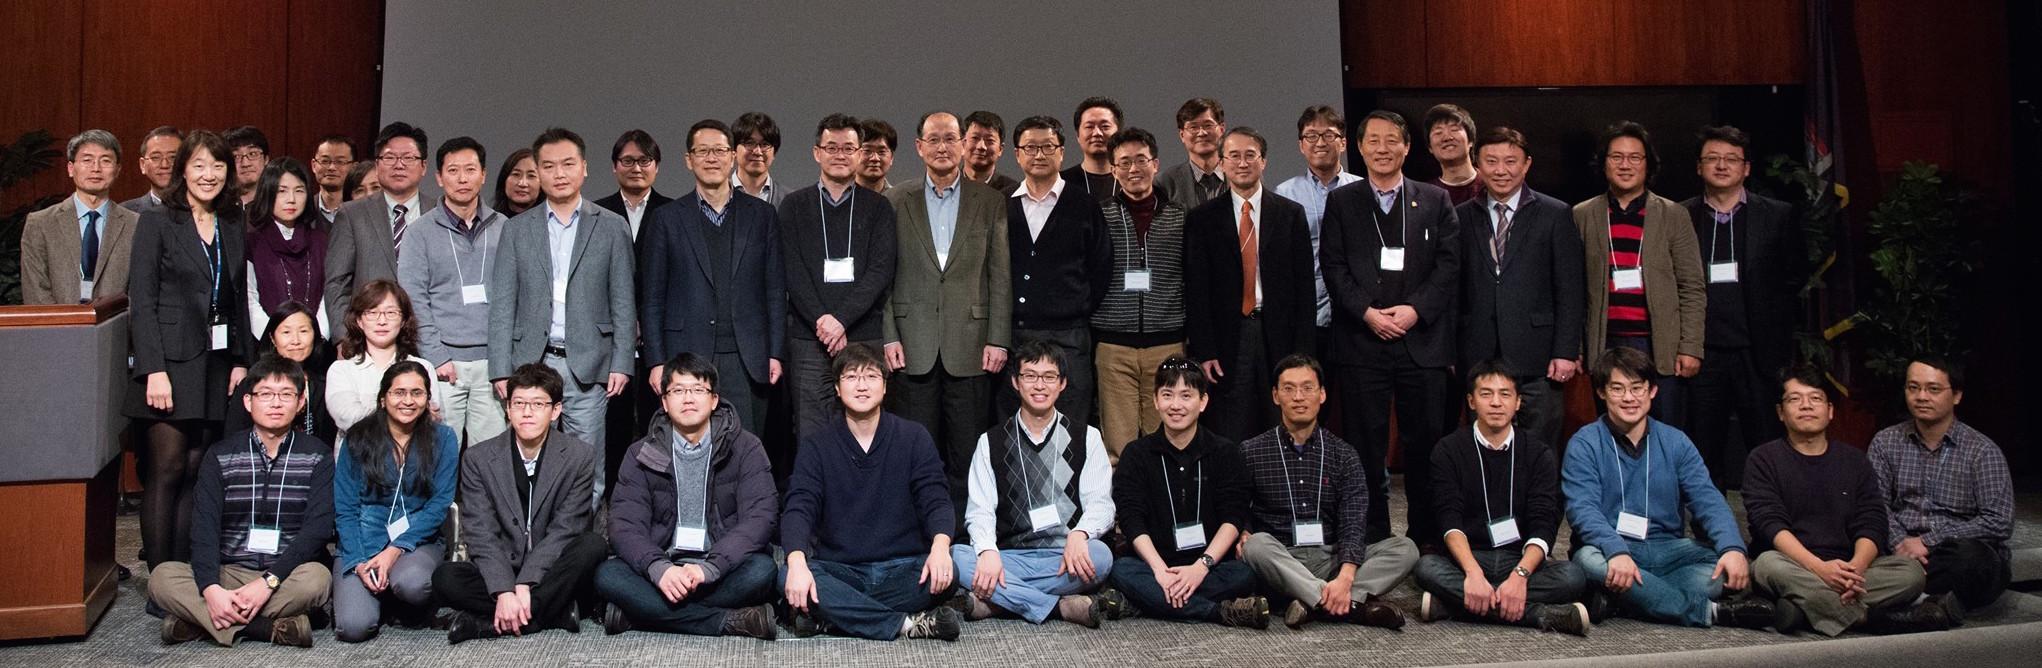 KOCSEA Symposium 2014